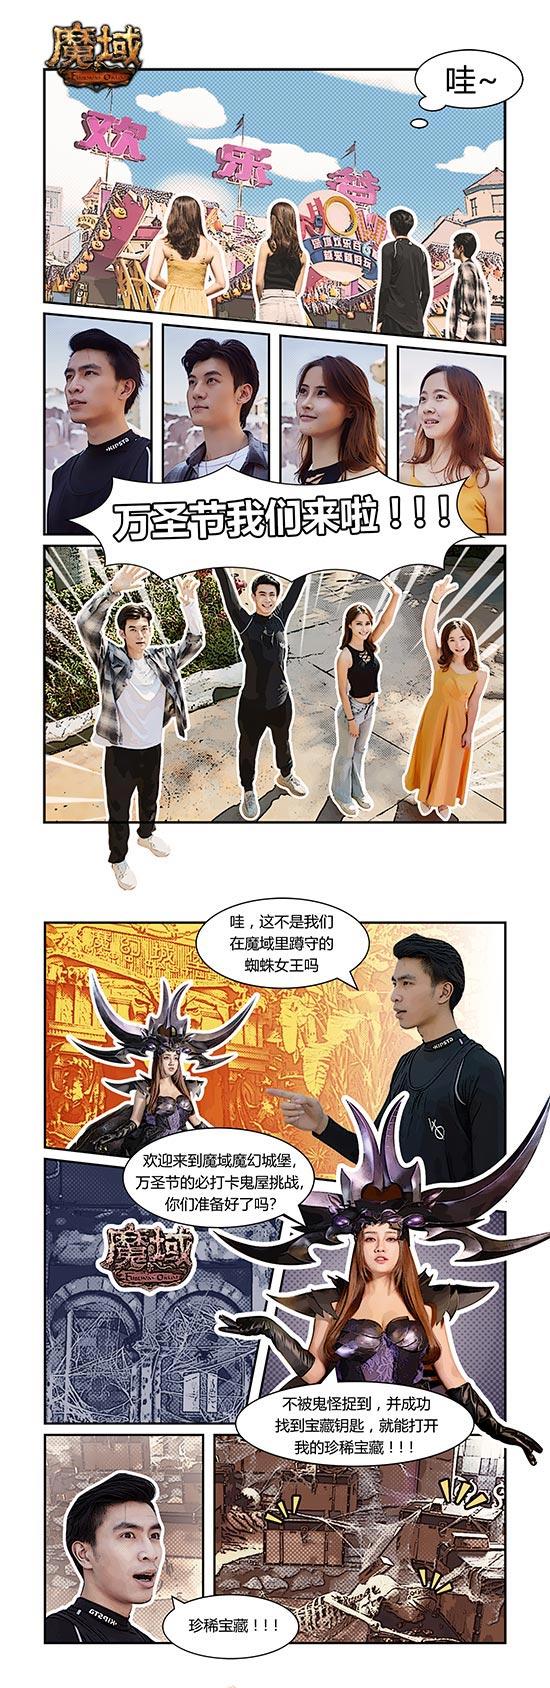 深圳欢乐谷万圣鬼屋大冒险! 万圣节《魔域》带你穿梭次元